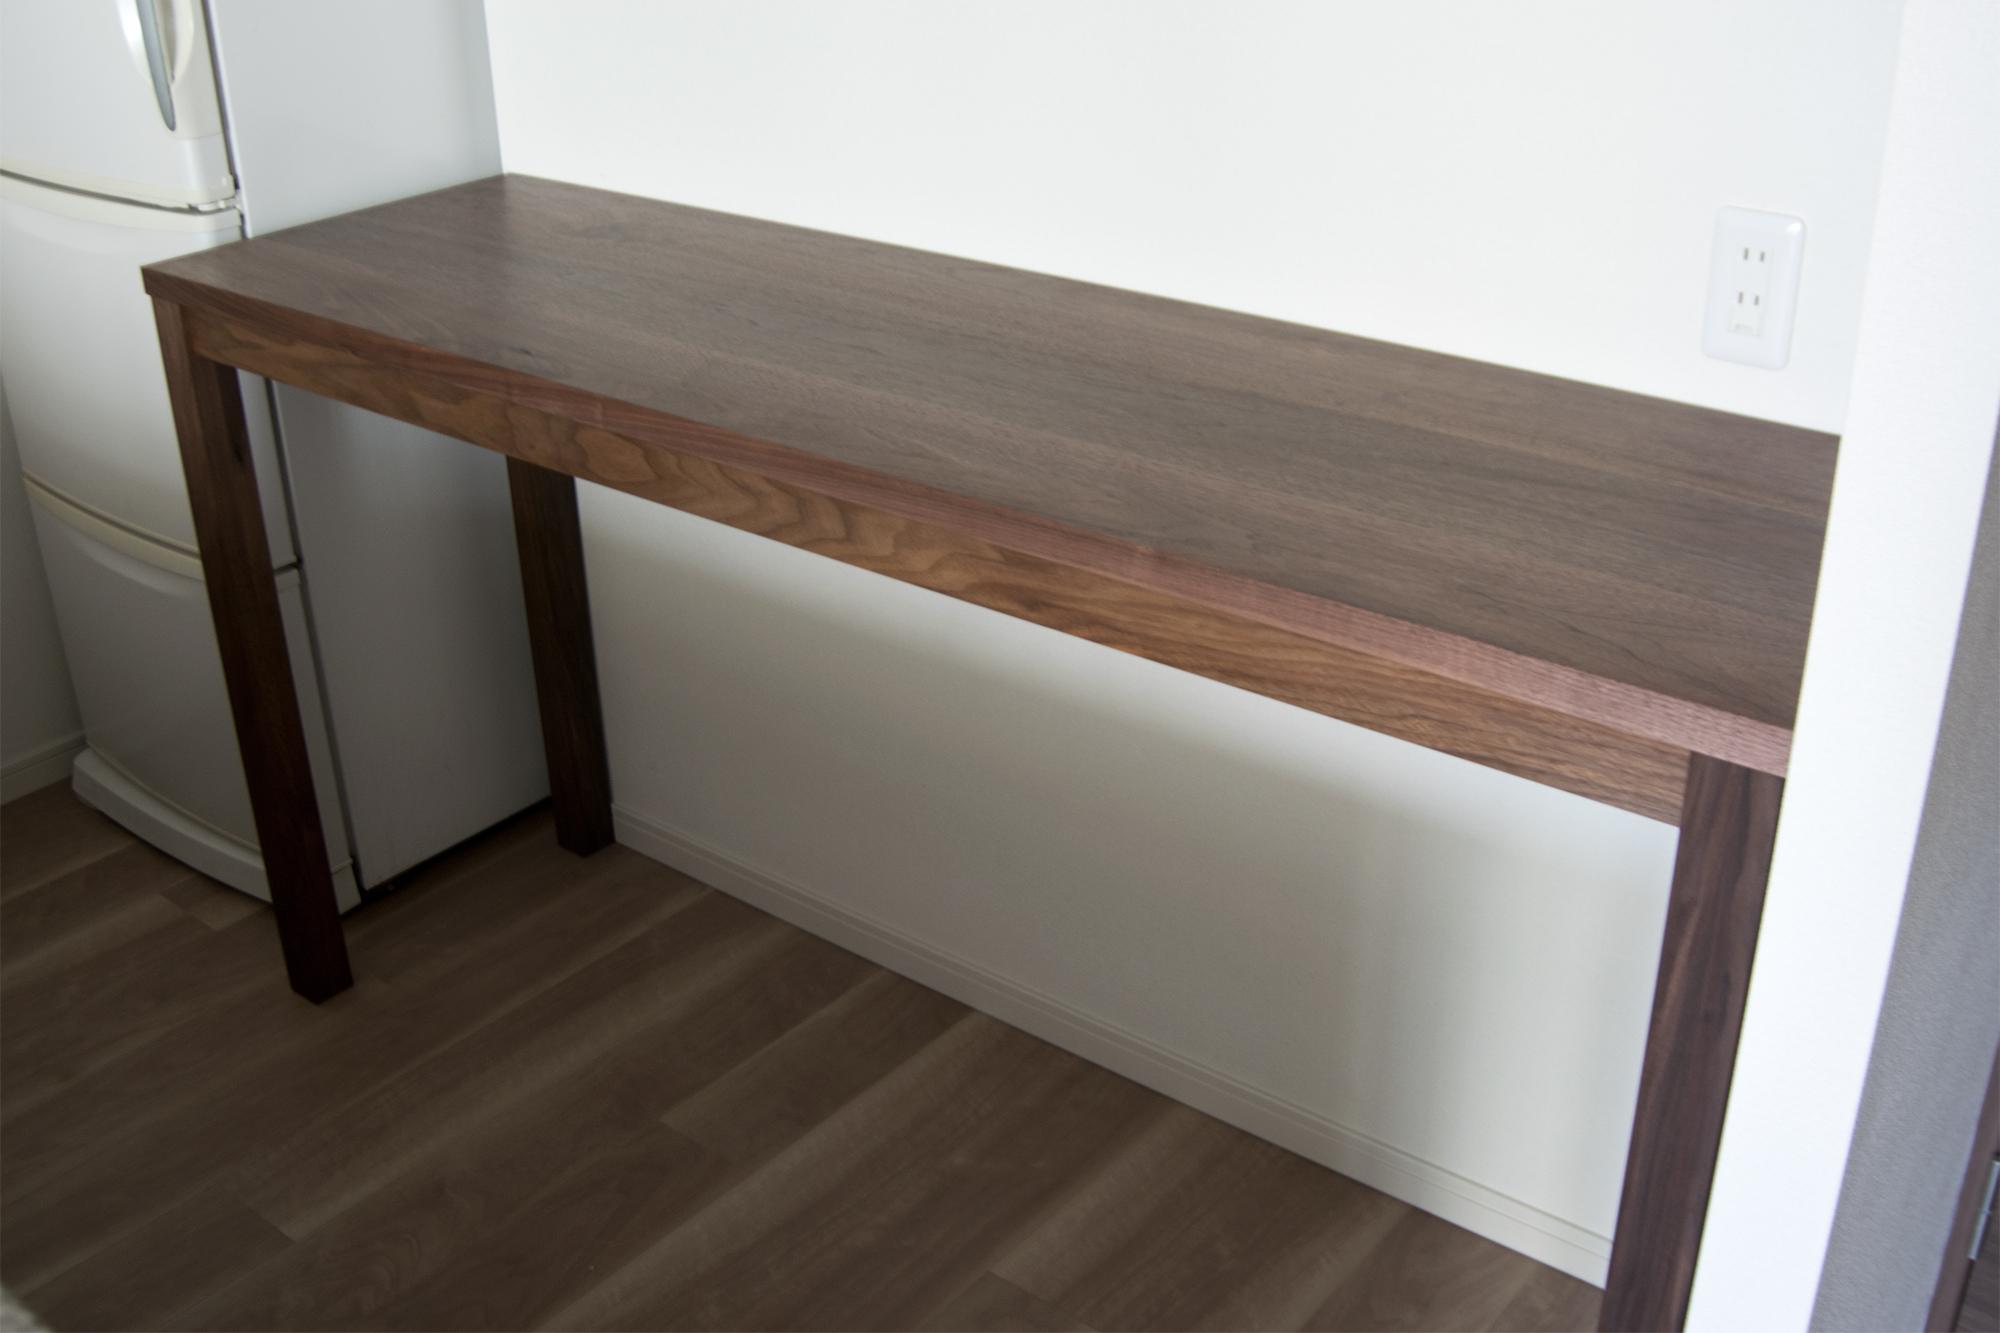 キッチンカウンターとして製作したウォールナット材のスタンダードテーブル・タイプ2